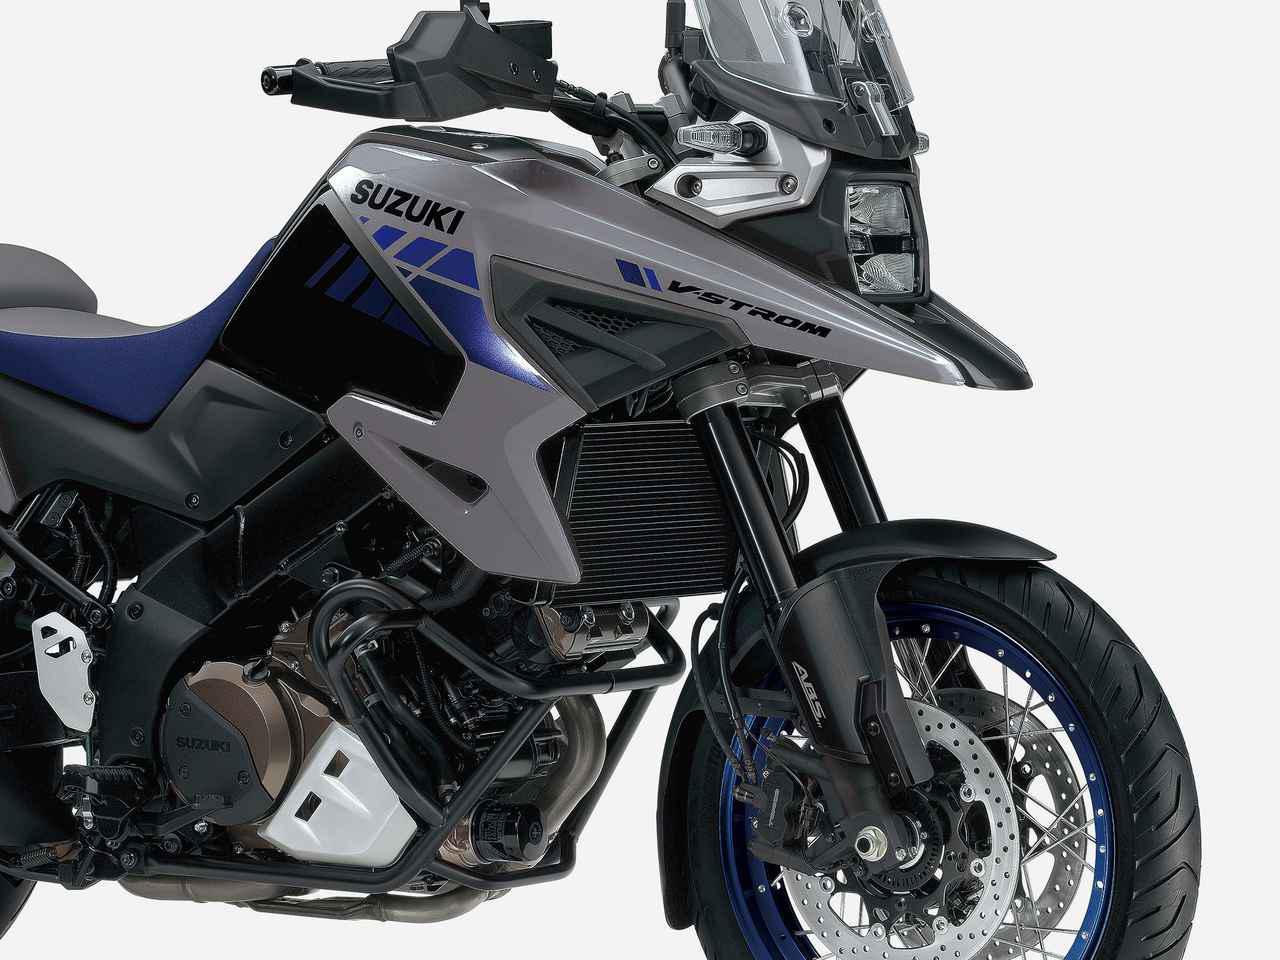 画像: 大型アドベンチャー『Vストローム1050/XT』が2021年カラーでちょっとイメージ変えてきた? 【SUZUKI V-Strom1050/XT】 - スズキのバイク!